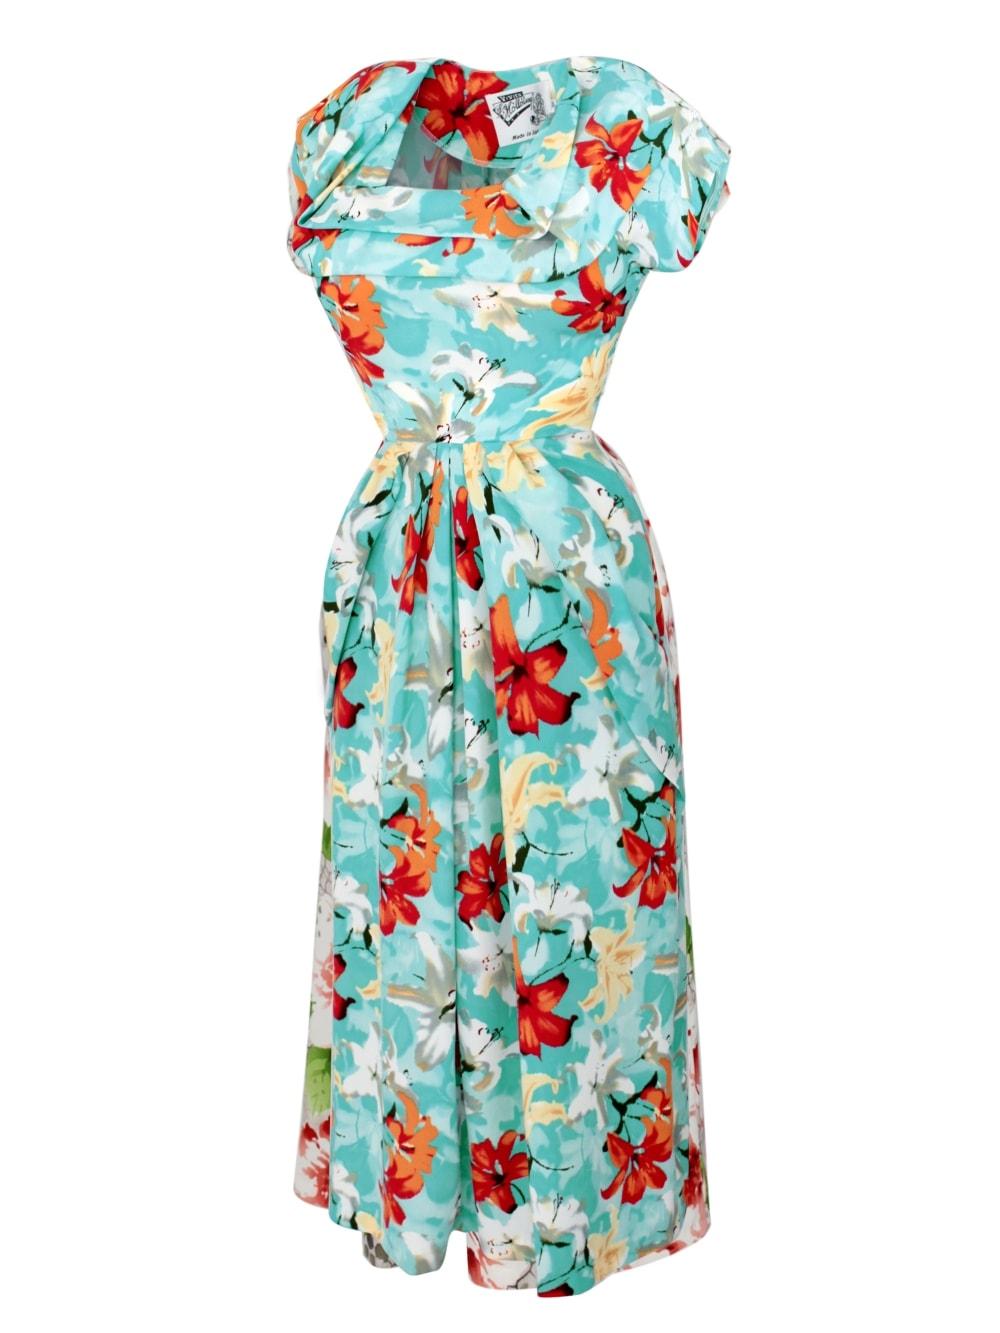 d1aa1075c2044 1940s Dress Lana Hibiscus Sky From Vivien of Holloway